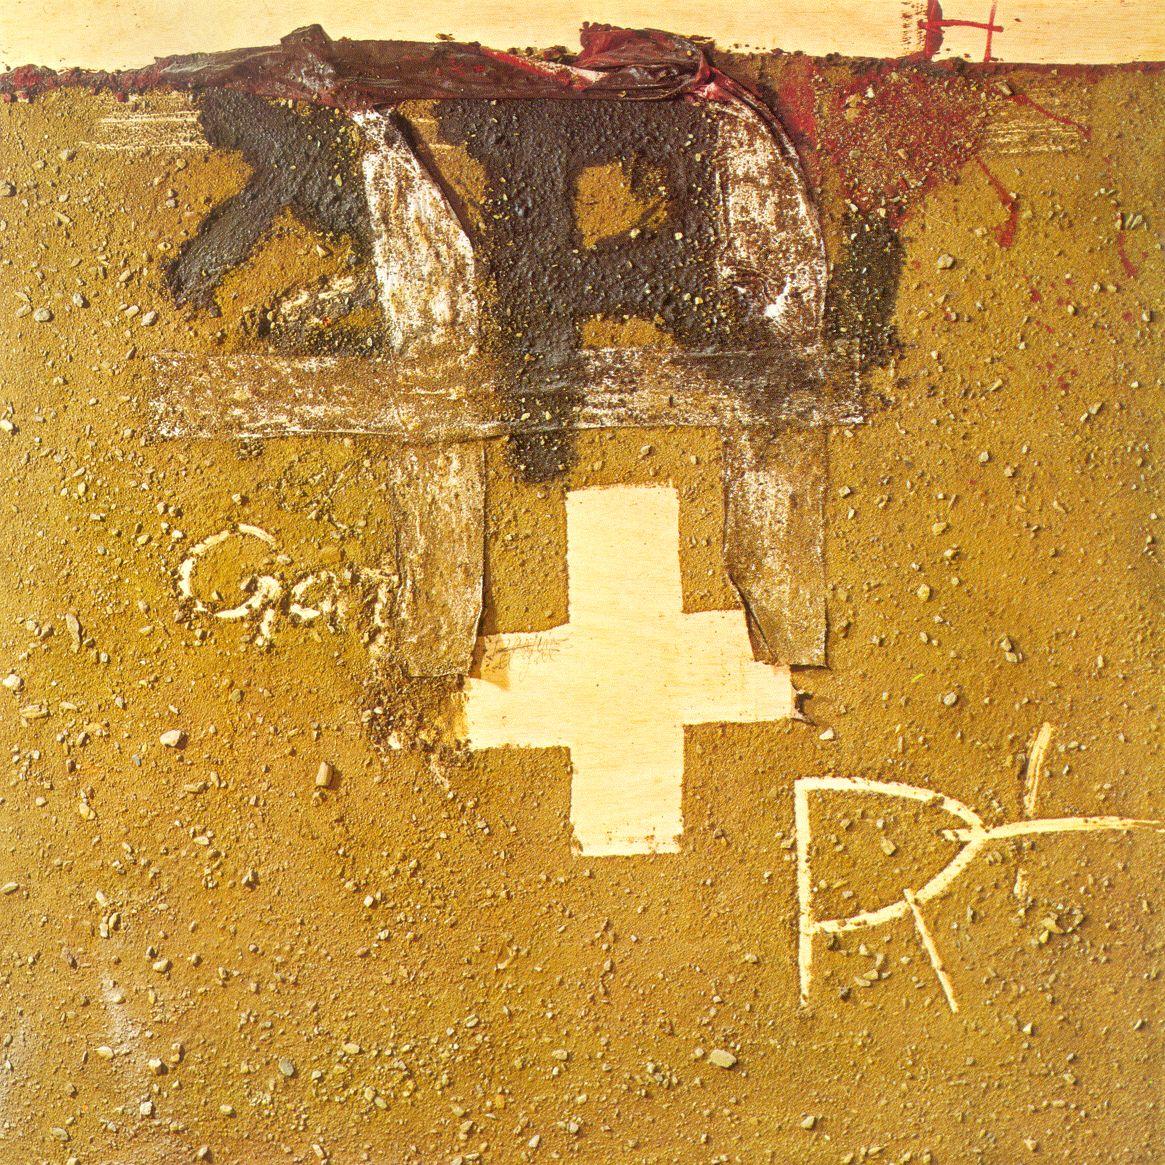 tapies kruis en aarde